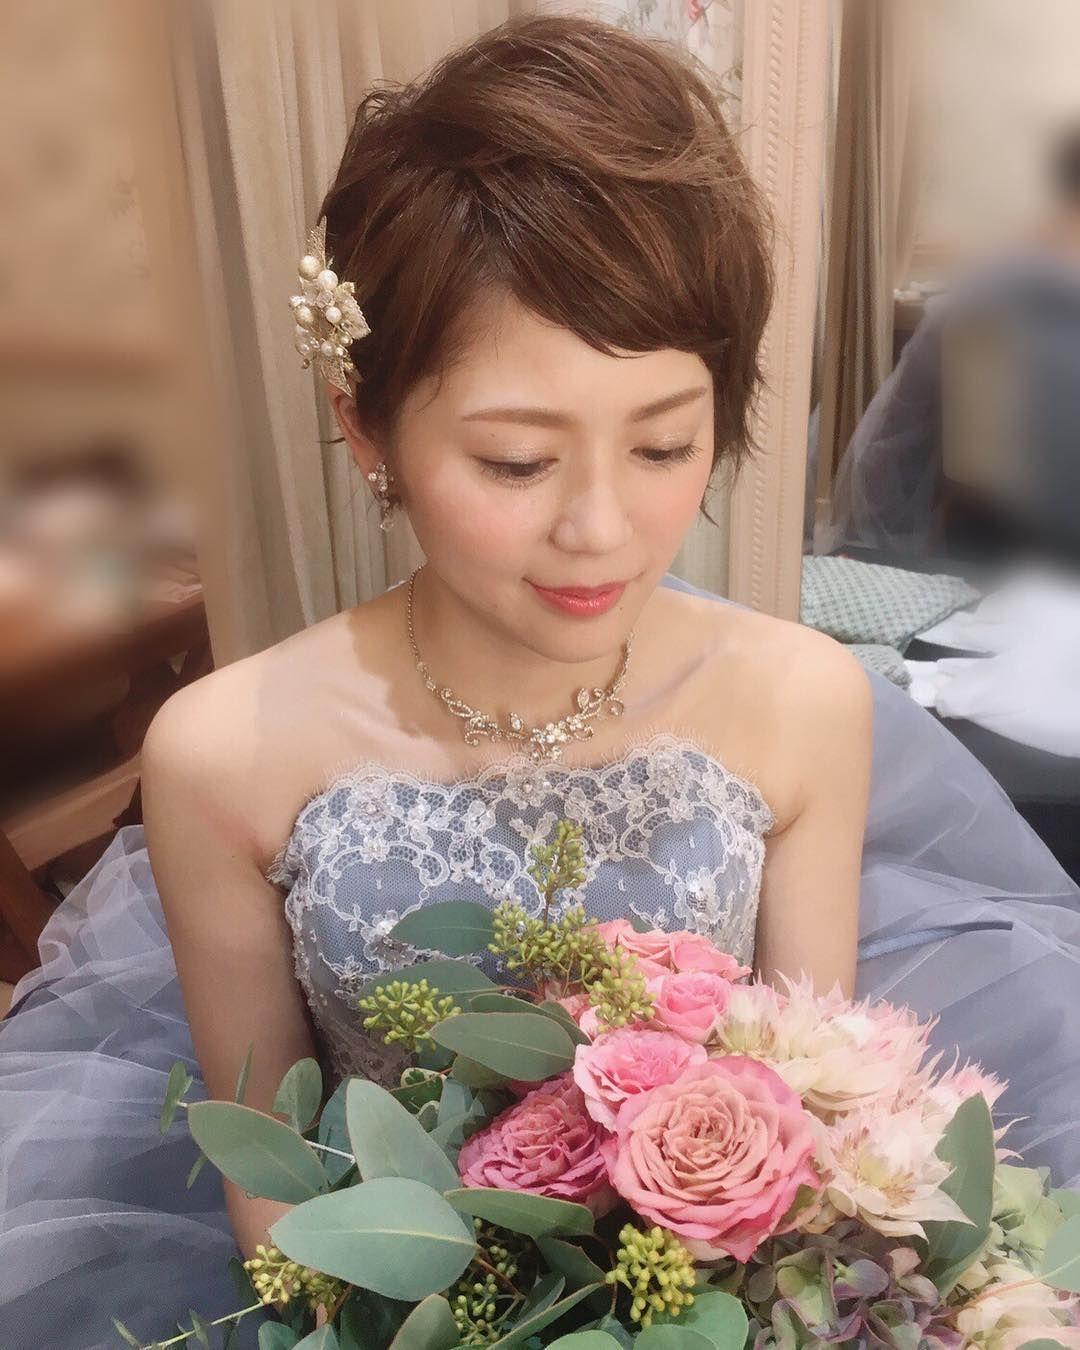 特別感あり ショートヘア の花嫁ヘアアレンジまとめ Marry